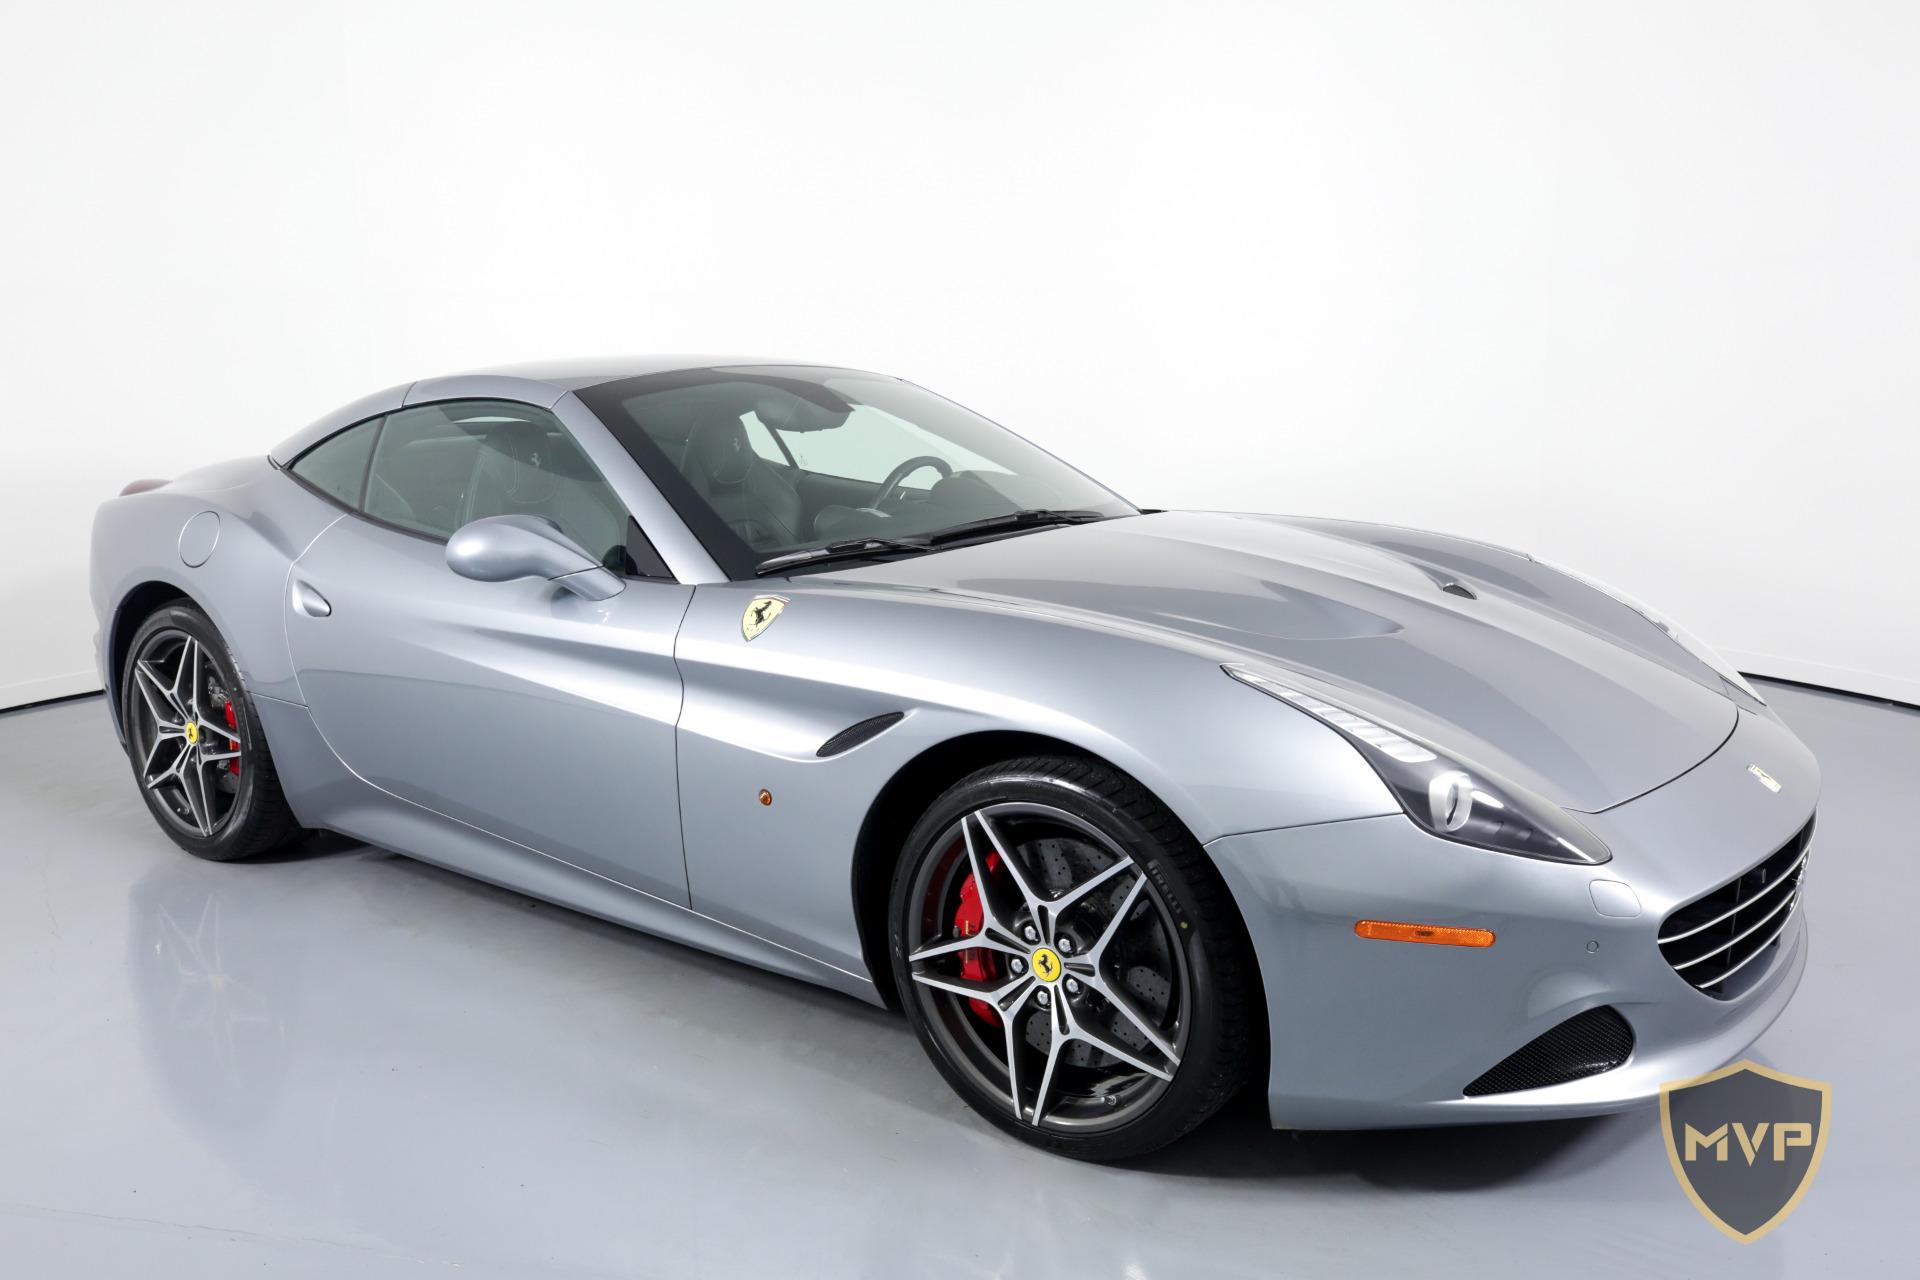 Used 2015 Ferrari California T For Sale 999 Mvp Charlotte Stock 205790